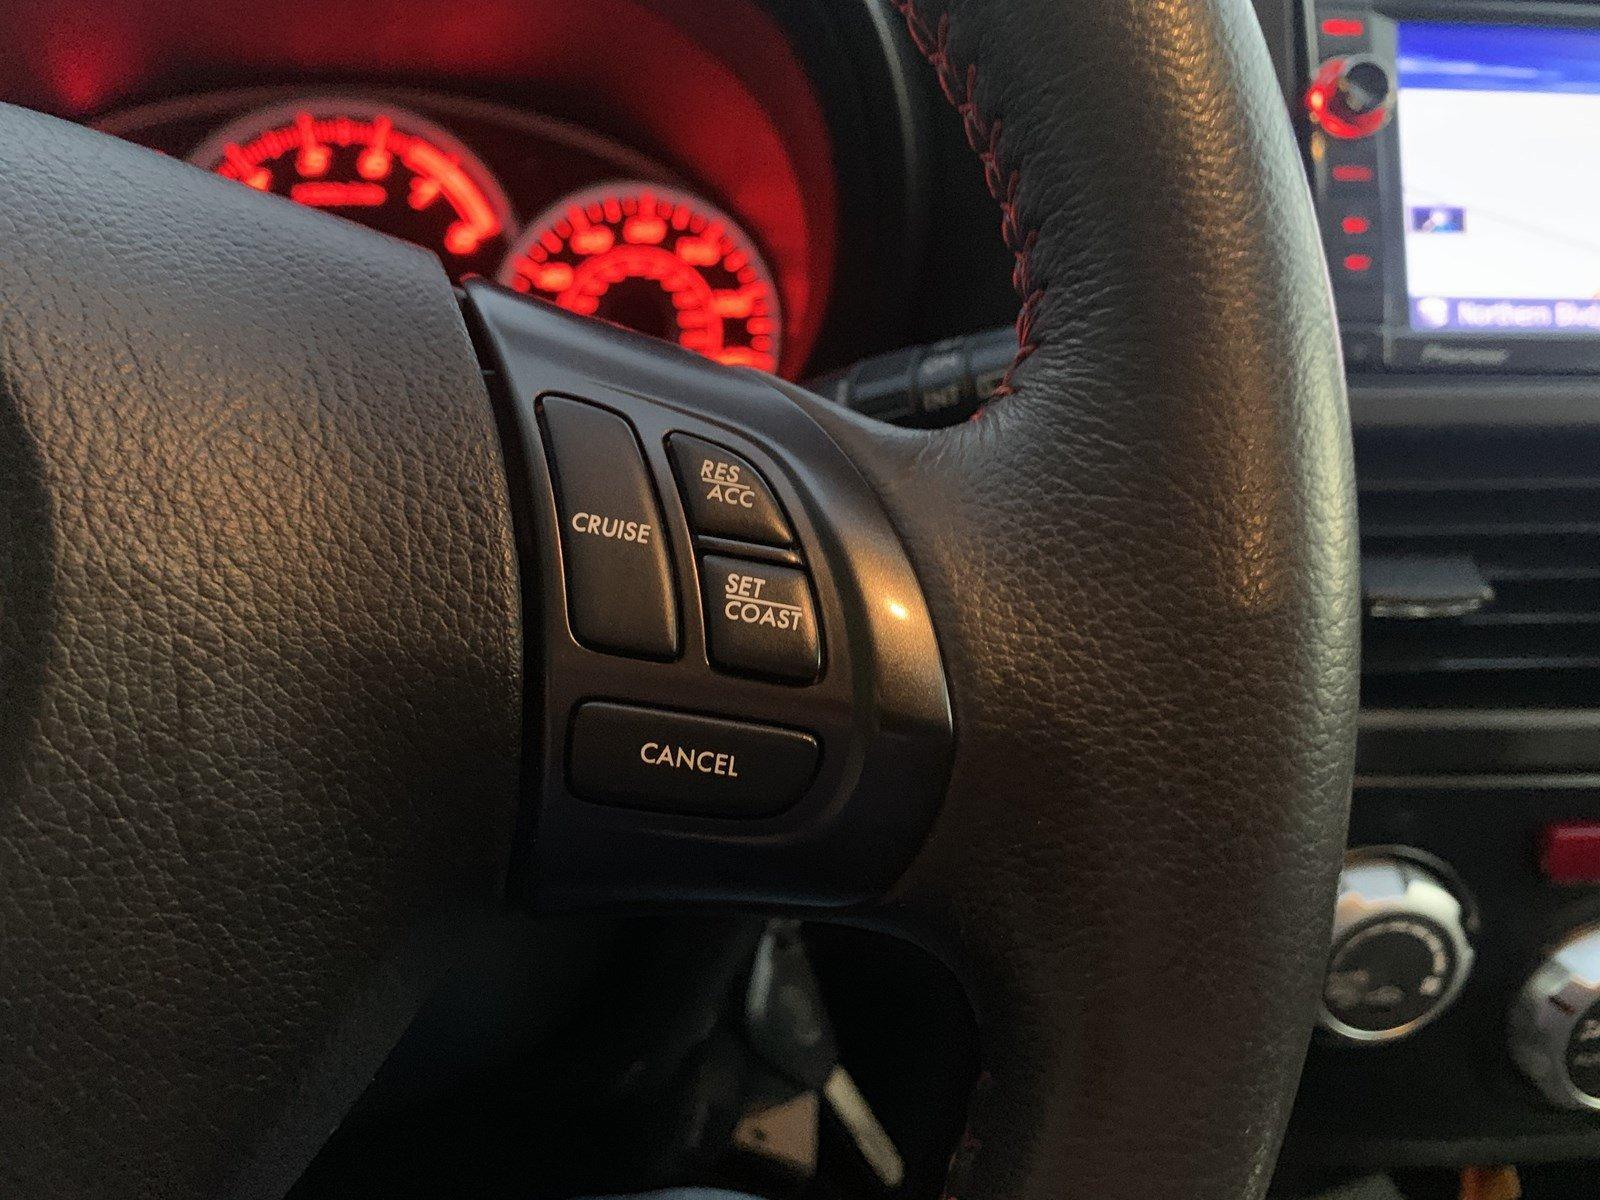 Used-2011-Subaru-Impreza-Wagon-WRX-WRX